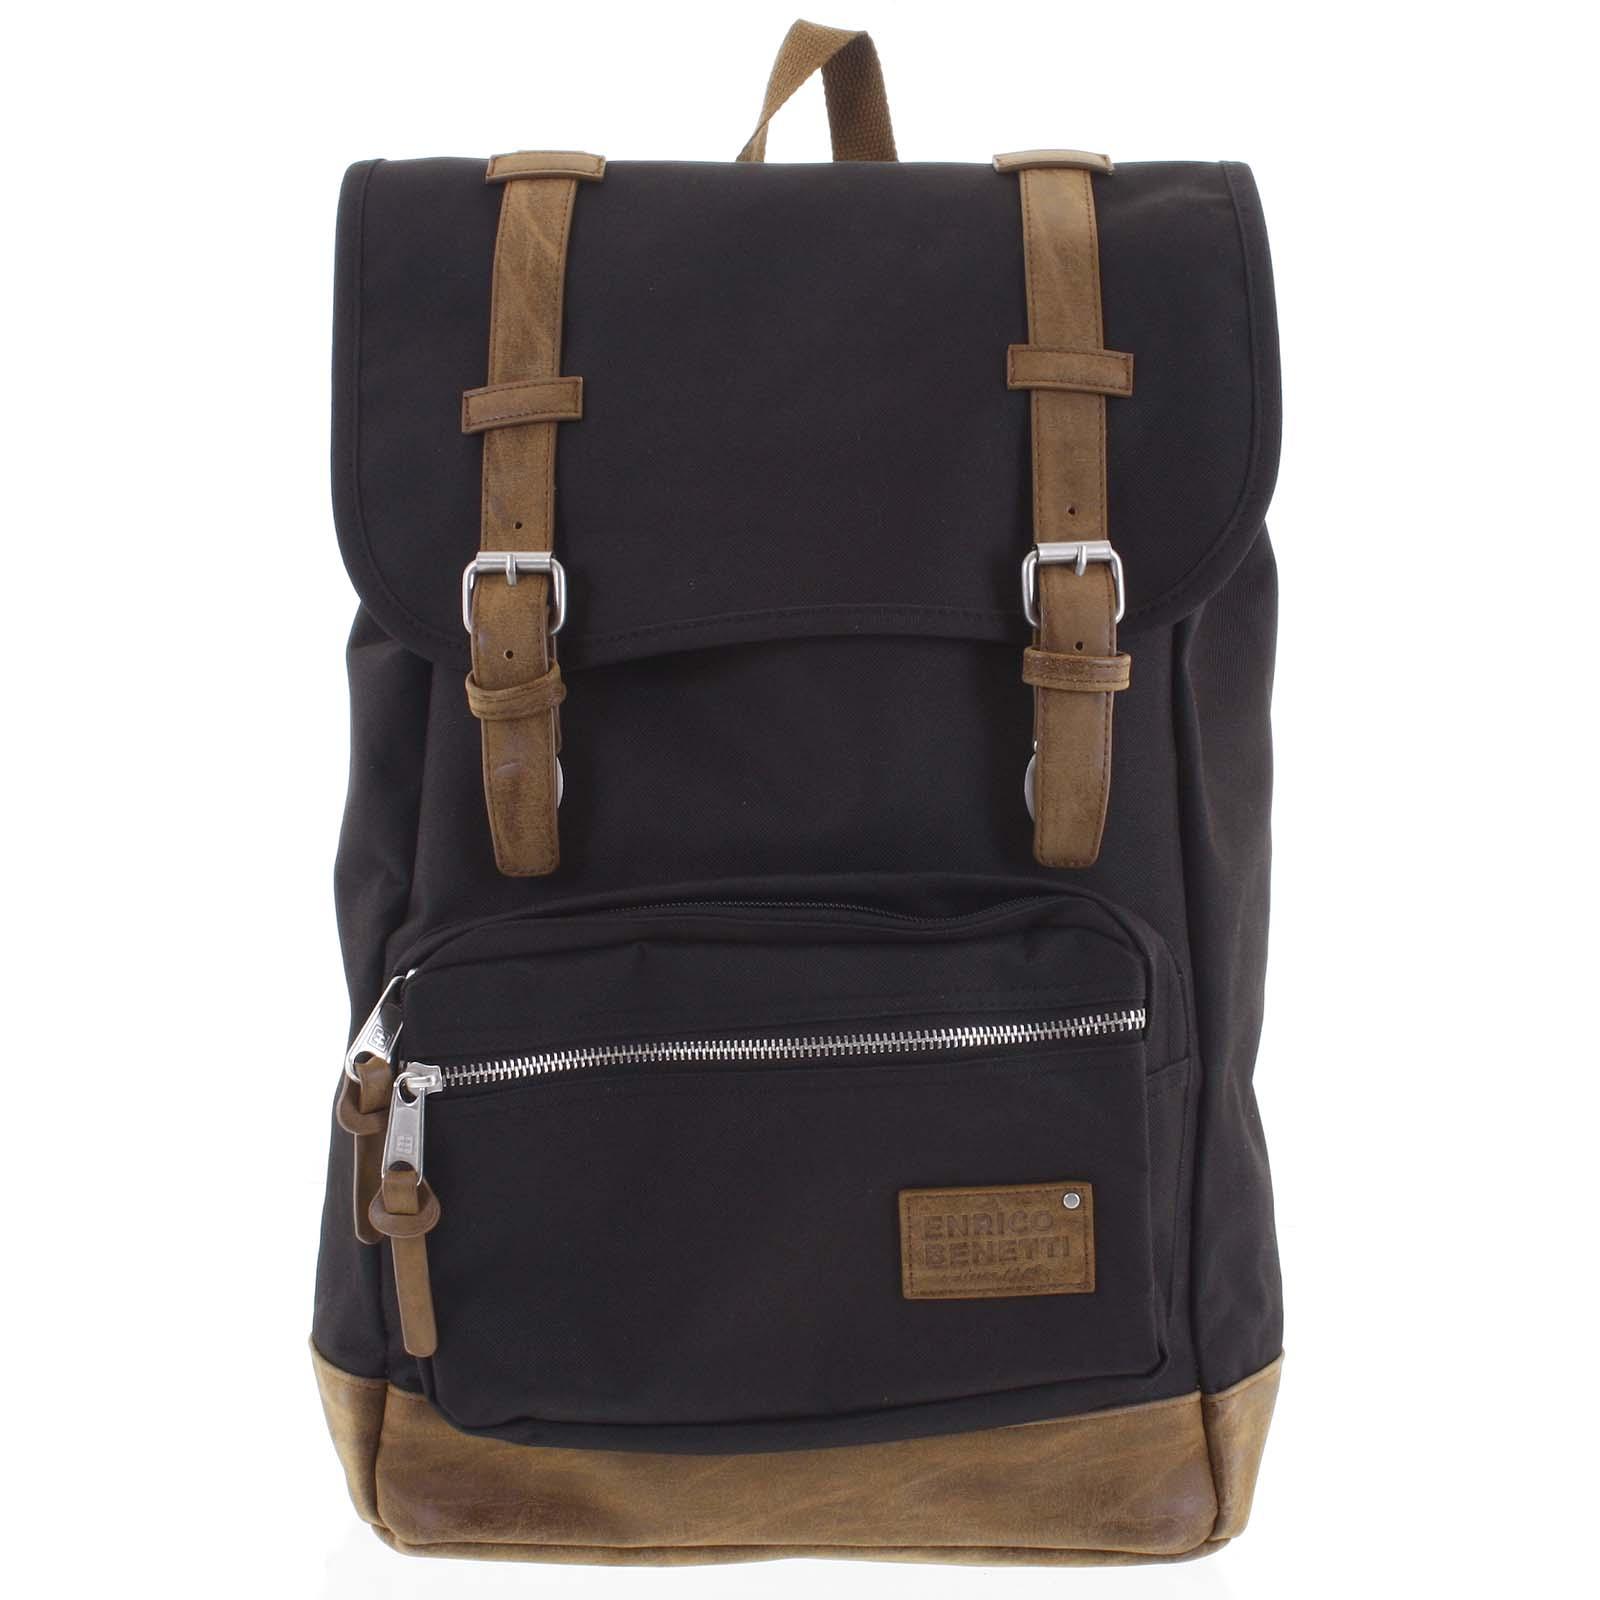 Veľký pánsky batoh čierny - Enrico Benetti Kambik